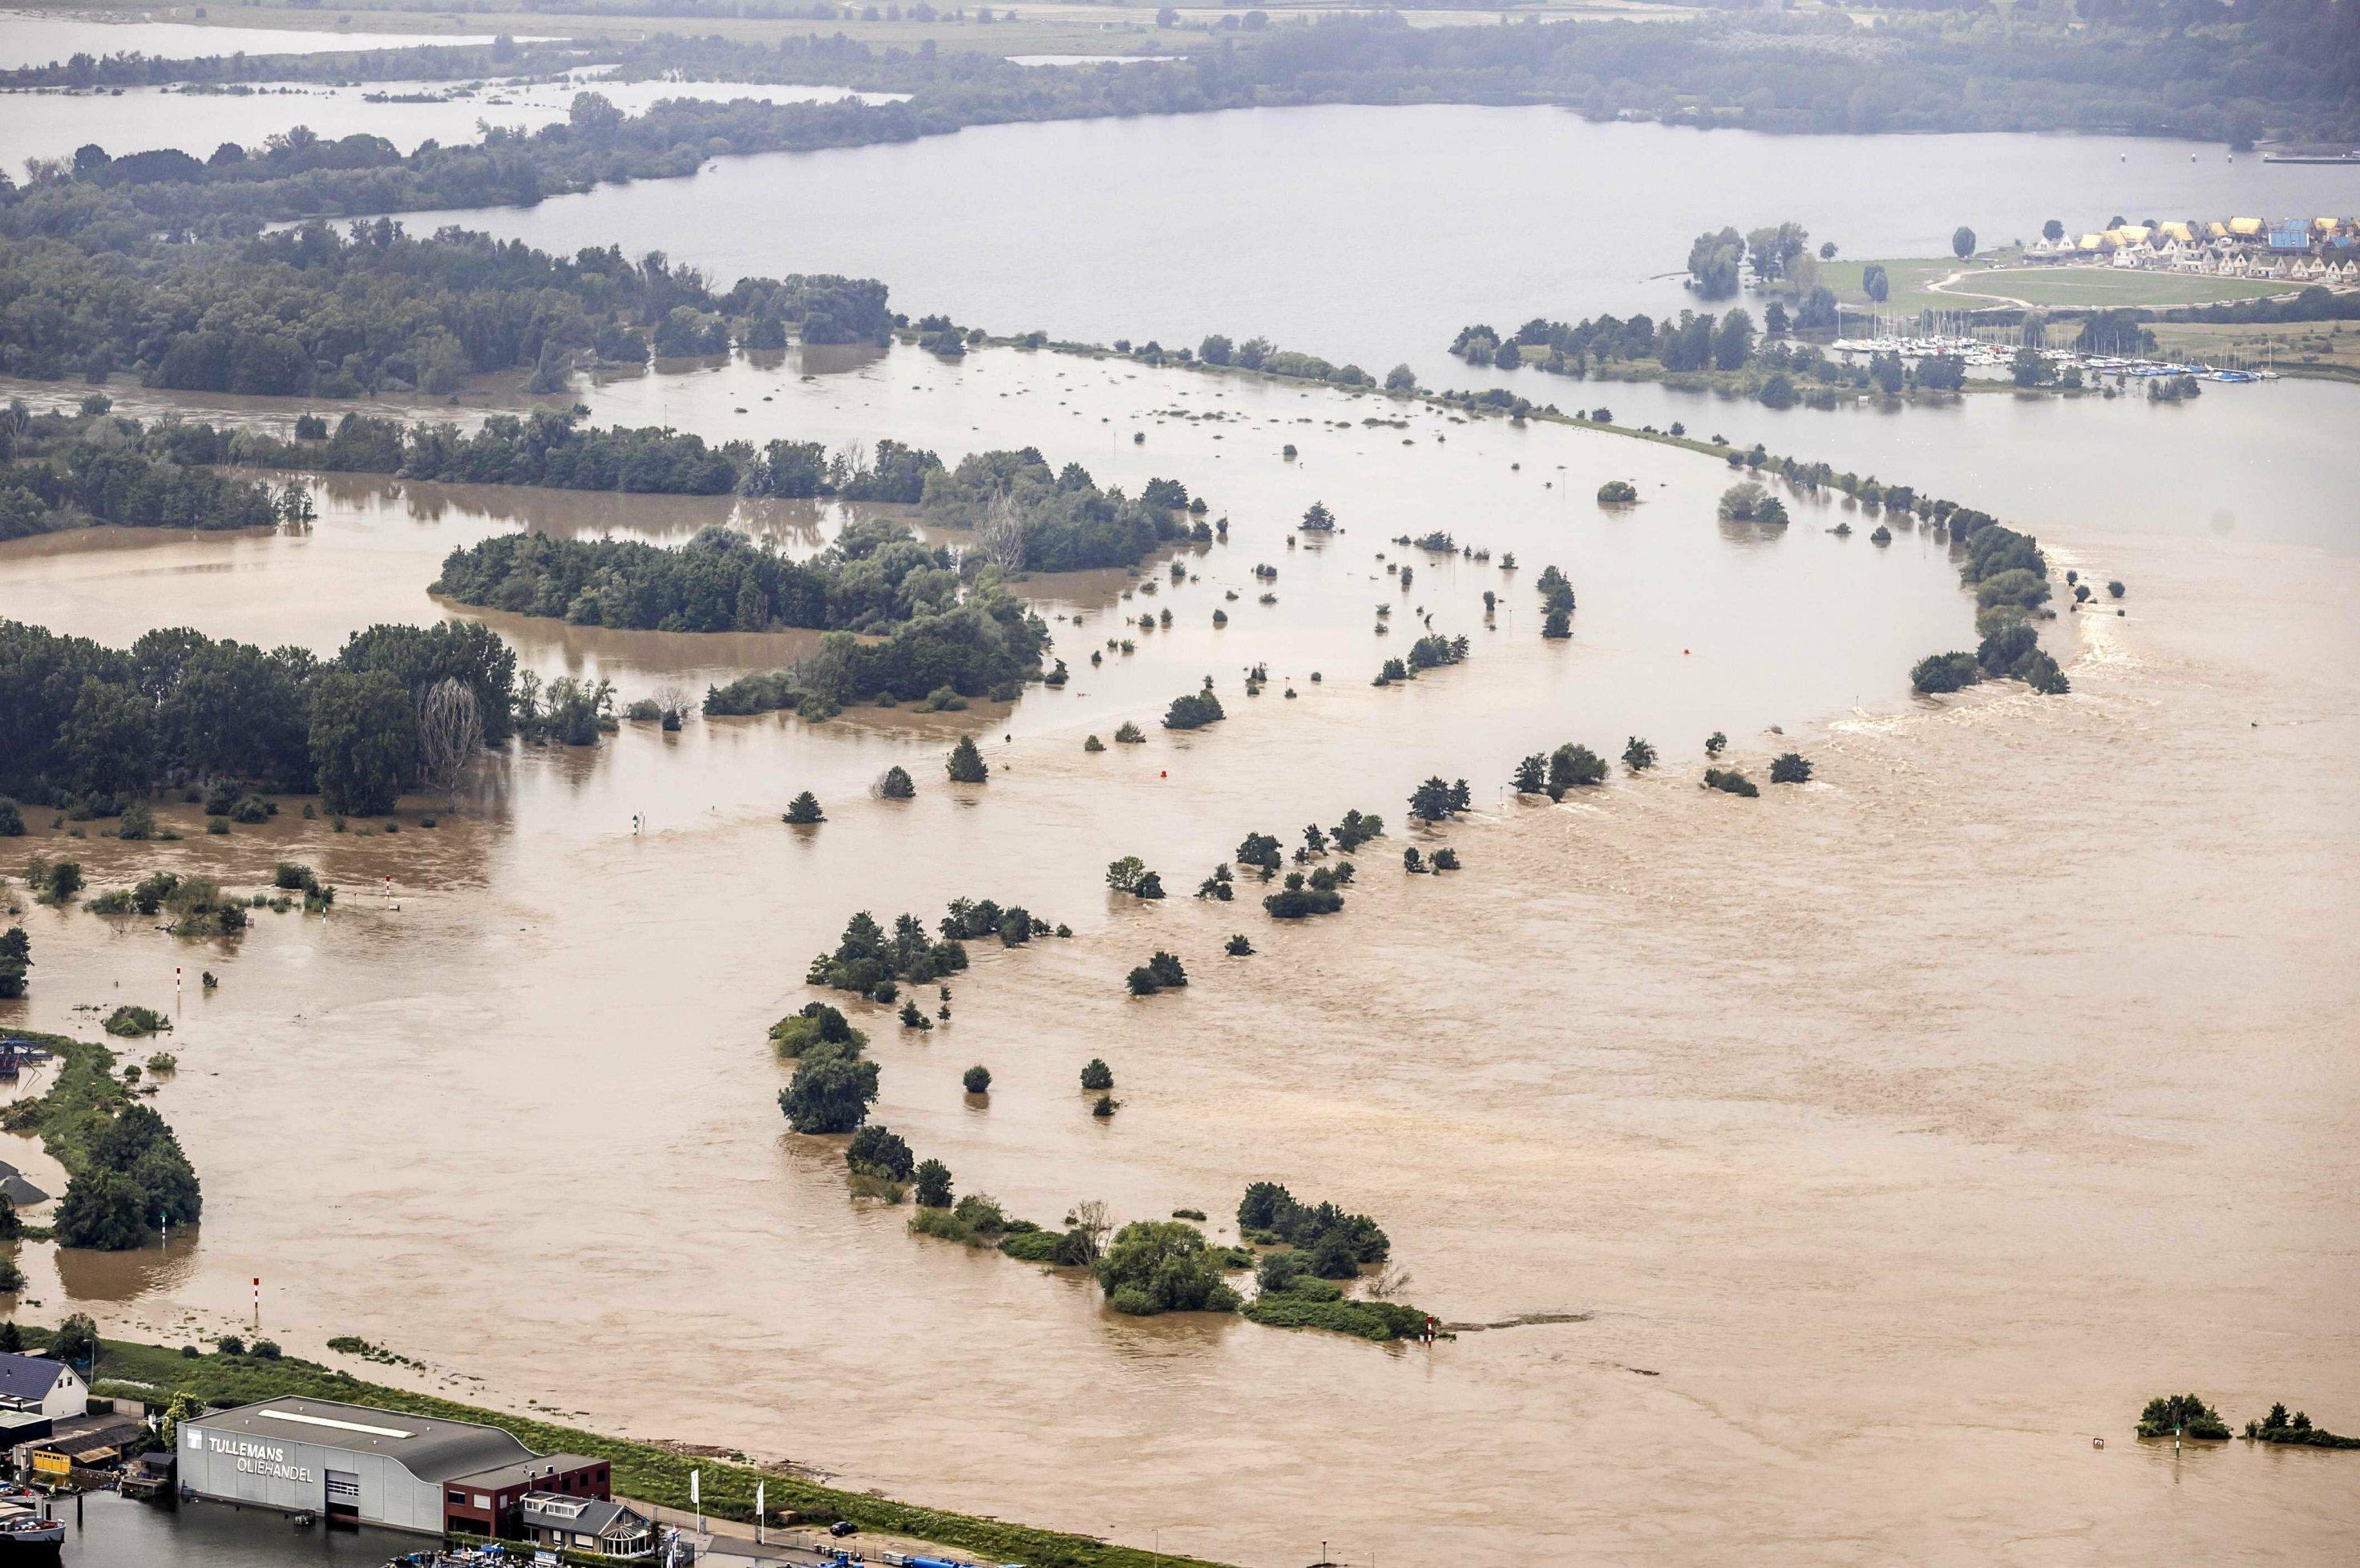 Weiträumig überschwemmmte Landschaft